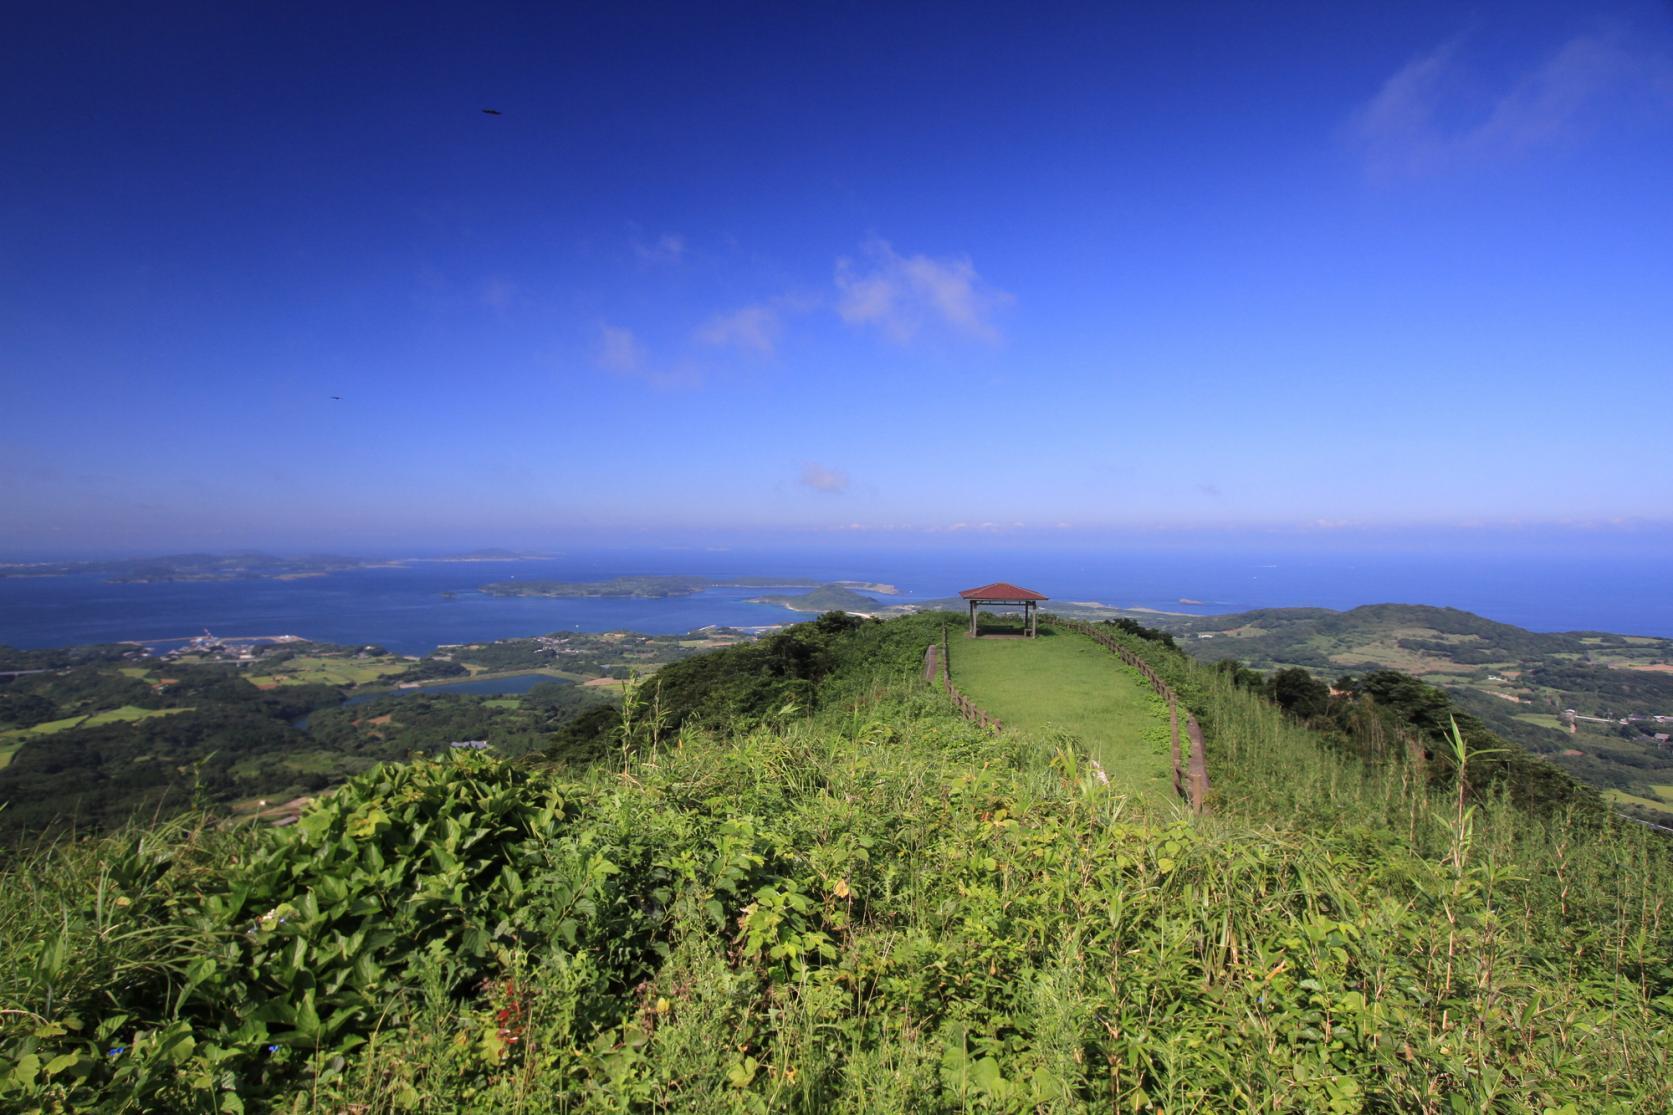 ここは海外か!? のどかな時間と豊かな自然が楽しめる「非日常の島」へ -6